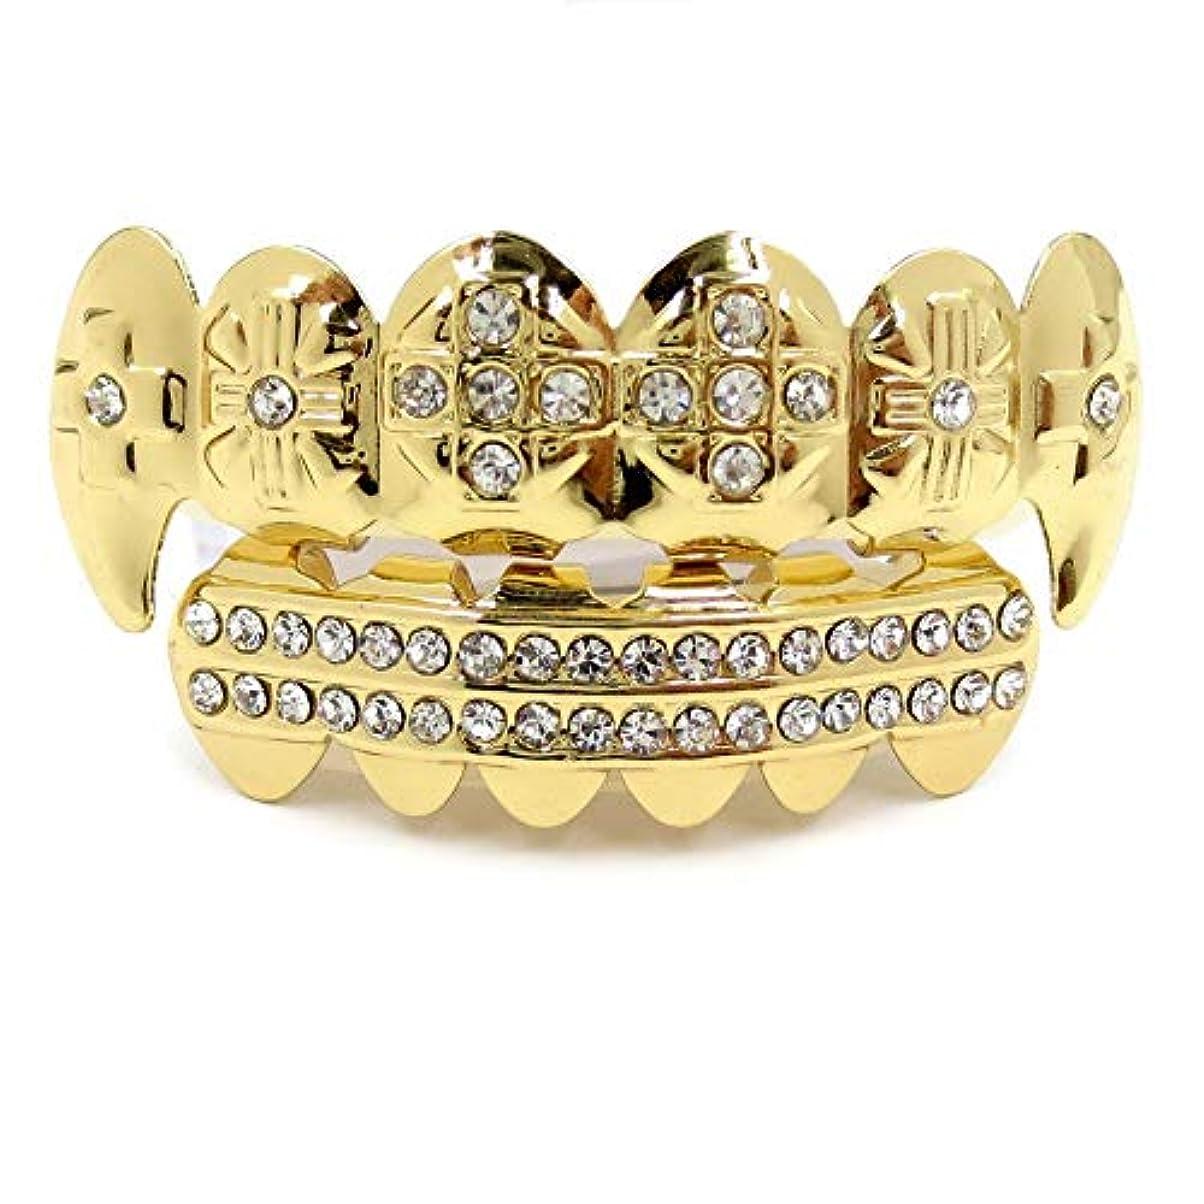 兵隊りんご鉄HIPHOPティースキャップ、ヨーロッパ系アメリカ人INS最もホットなゴールド&ブラック&シルバーの歯ブレースゴールドプレート口の歯 (Color : Gold)